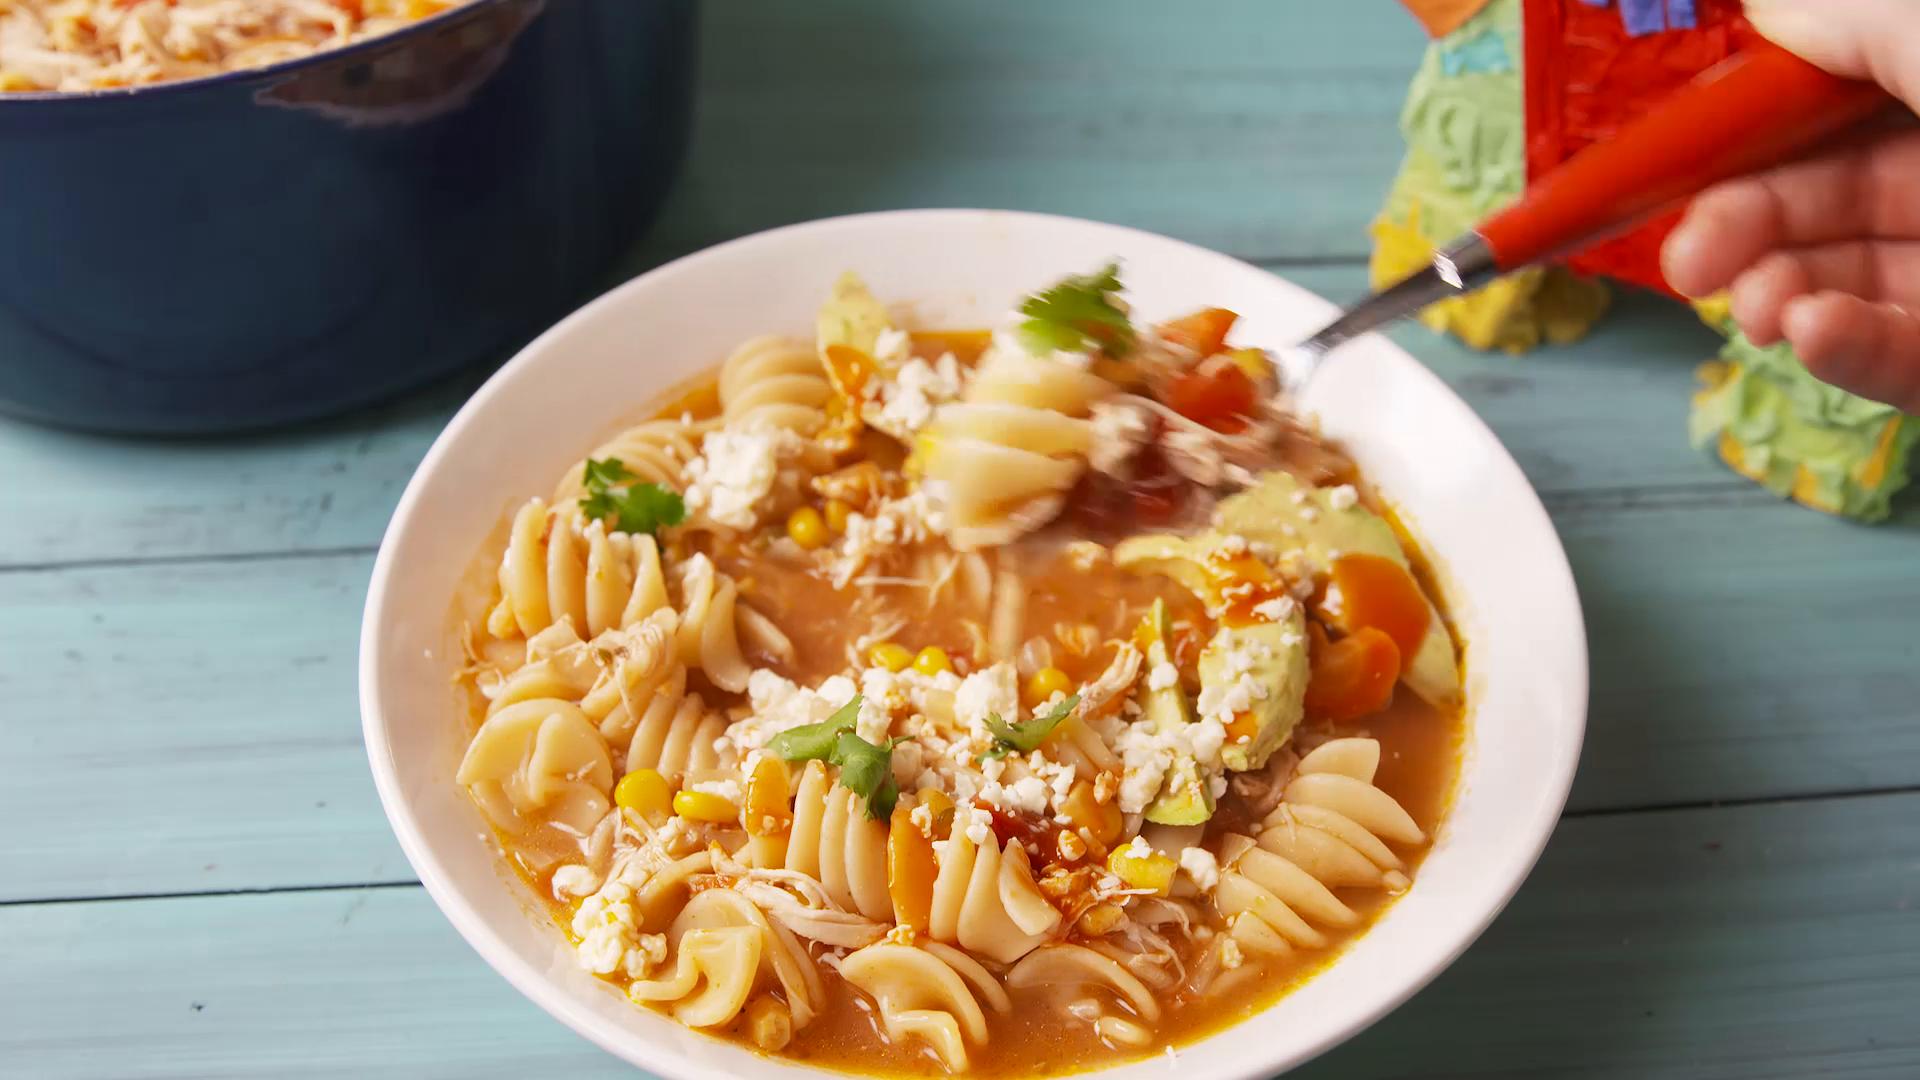 Tex-Mex Chicken Noodle Soup Recipe